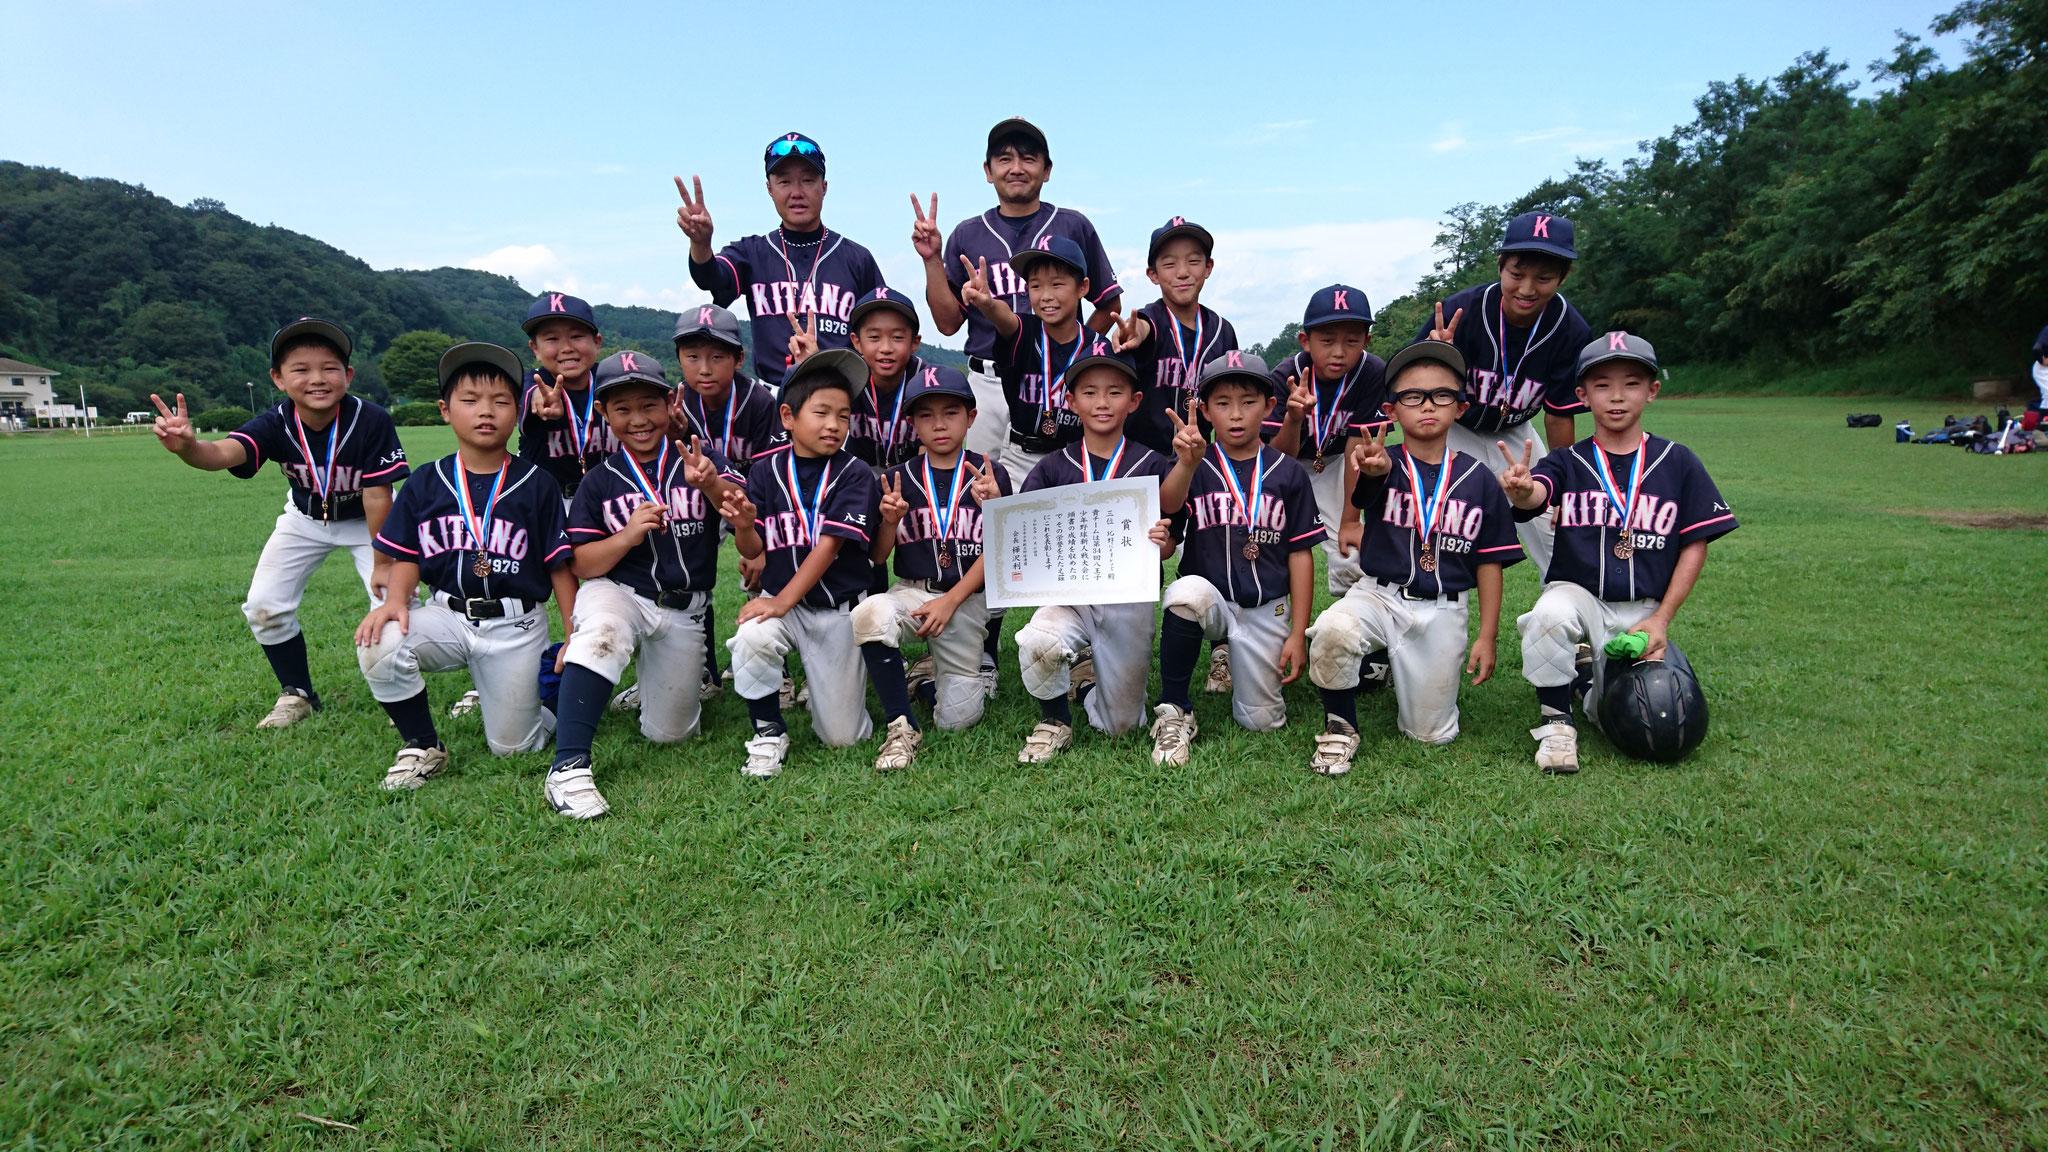 第34回 八王子少年軟式野球 新人戦大会 第三位 北野バイオレンズ 令和元年8月24日